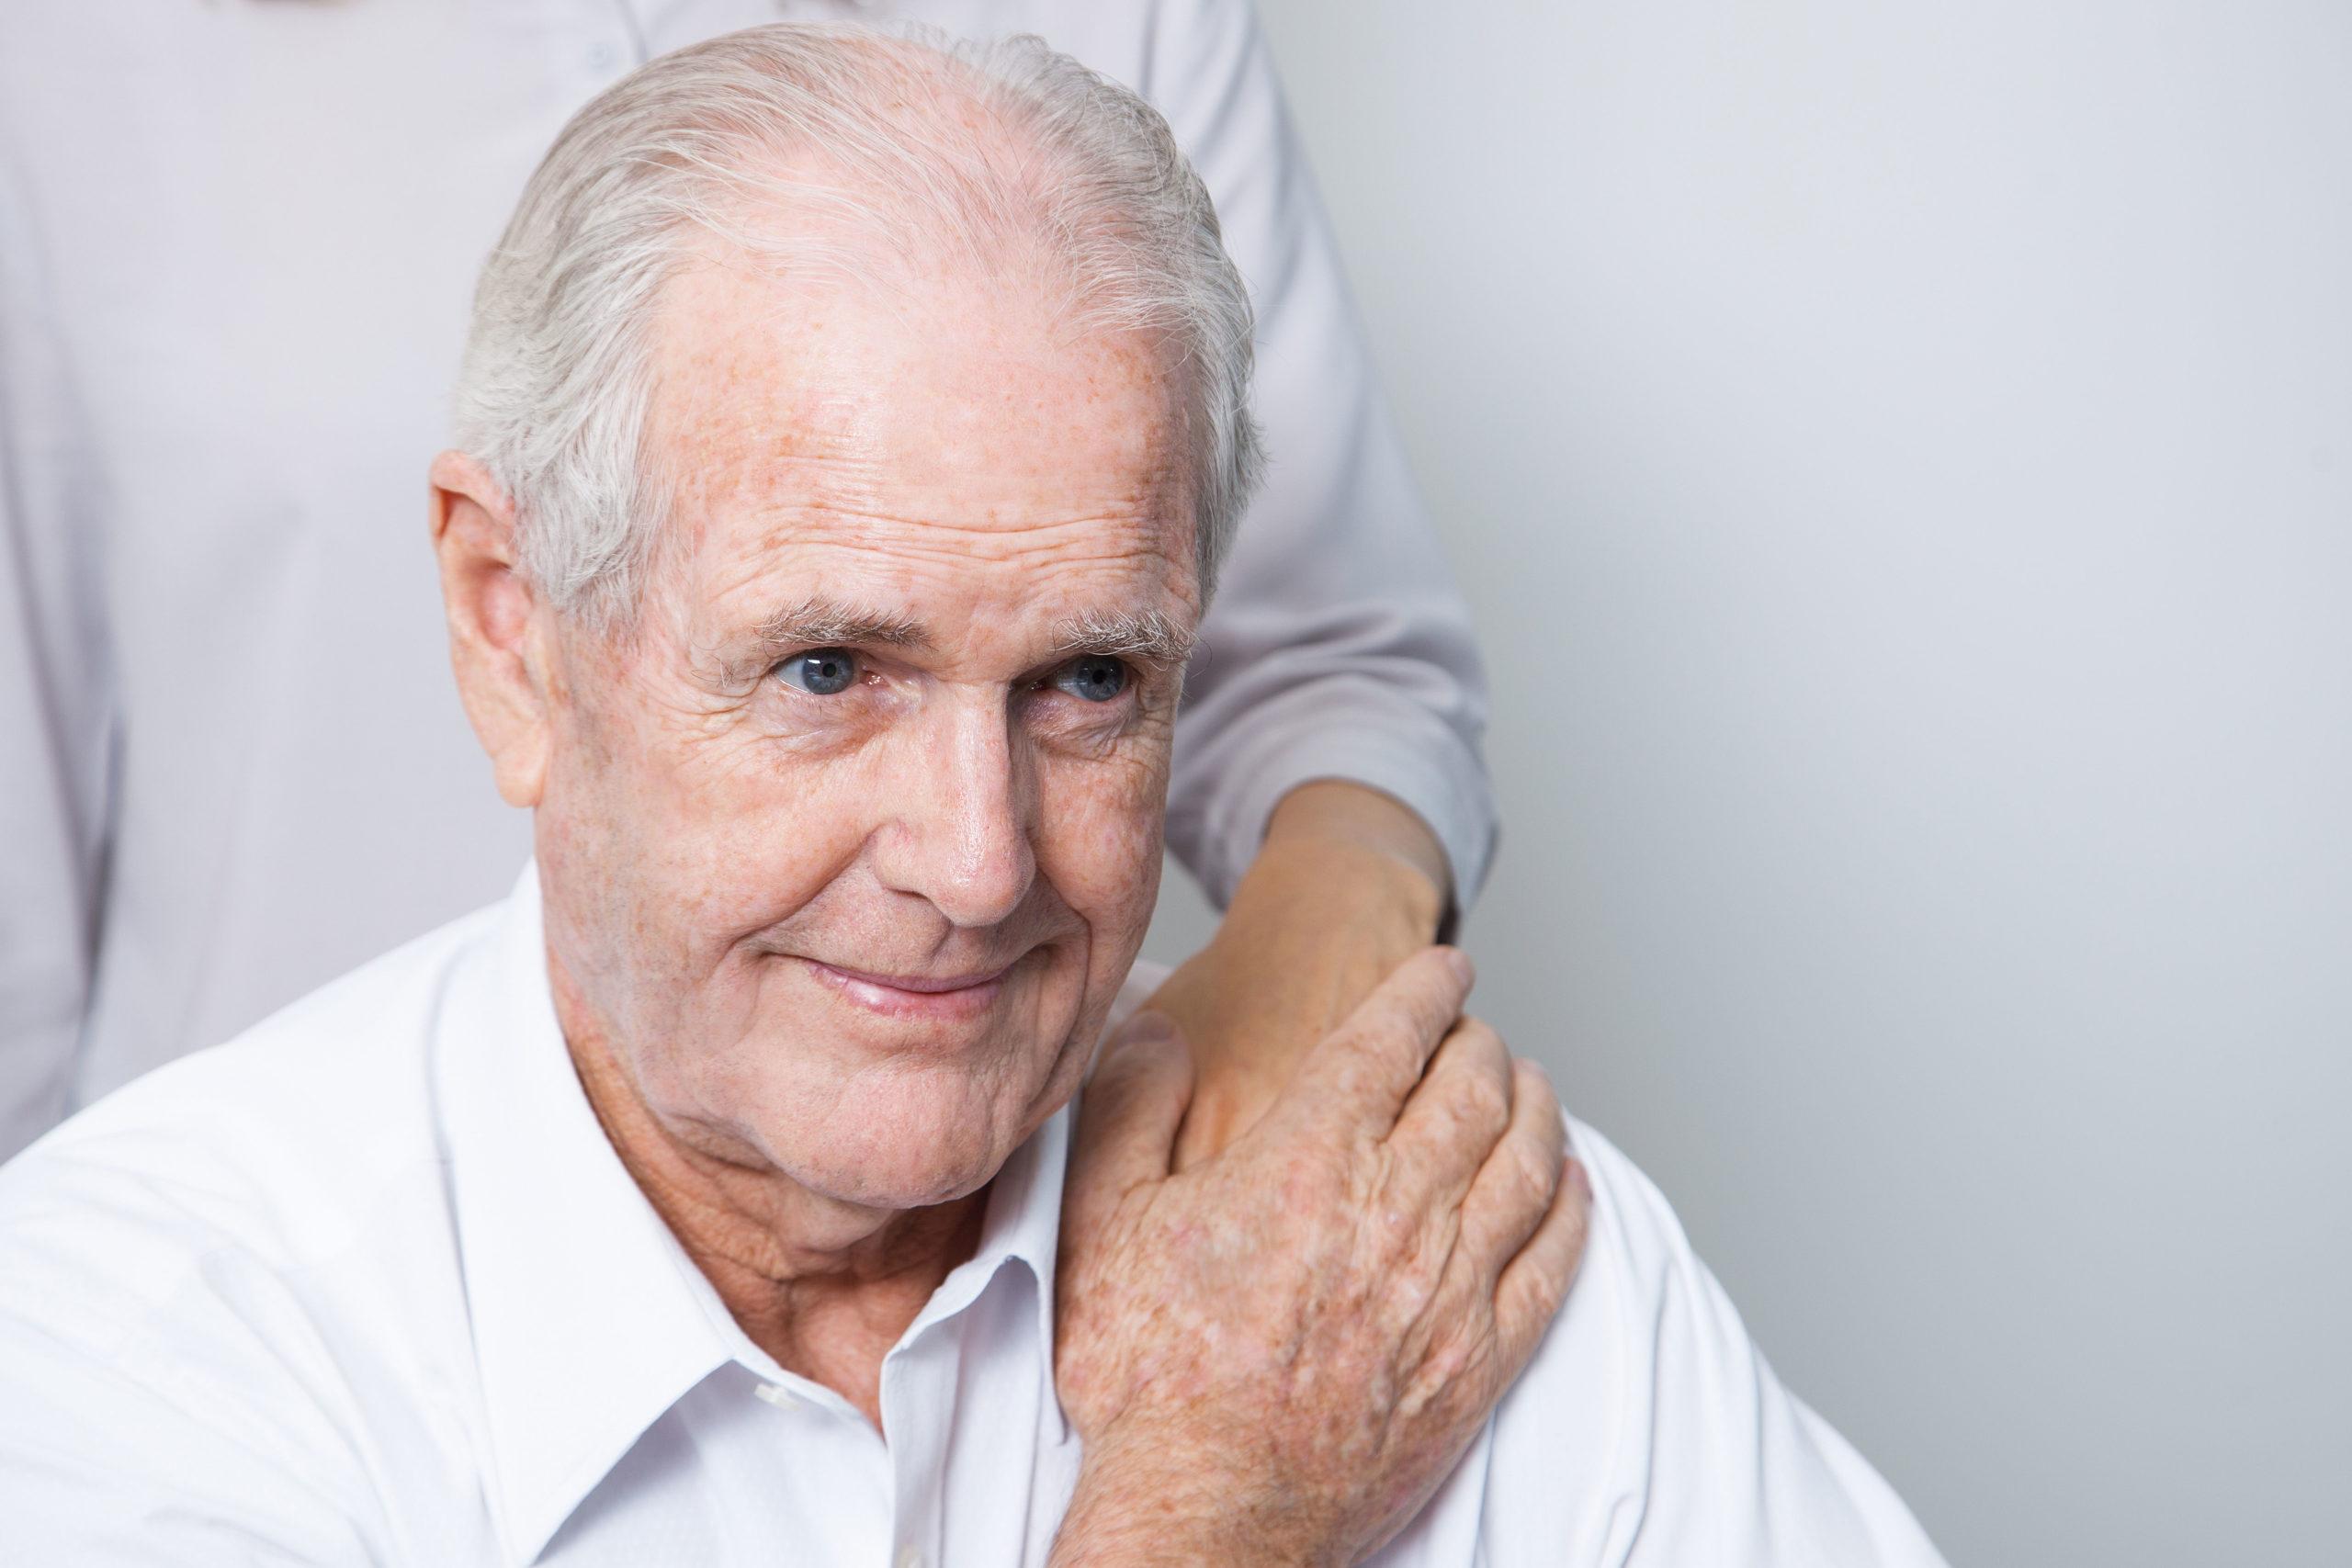 Buat-Penderita-Nyaman-pertolongan-pertama-stroke